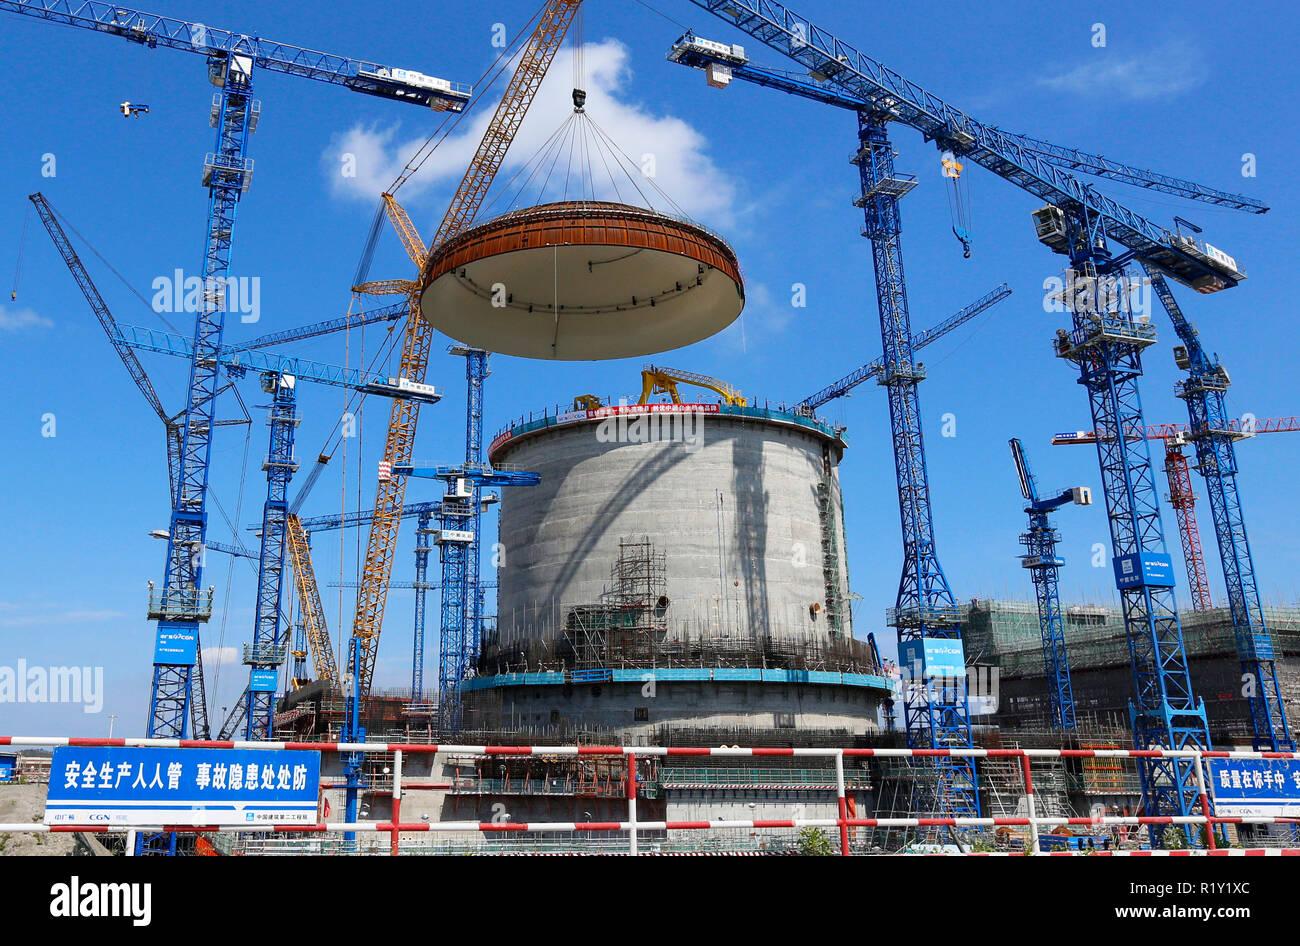 (181115) -- BEIJING, 15 novembre 2018 (Xinhua) -- Photo prise le 23 mai 2018 présente le site d'installation d'un dôme hémisphérique au n° 3 de l'unité nucléaire de Fangchenggang dans le sud de la Chine, région autonome Zhuang du Guangxi. Selon le Bureau national des statistiques, la Chine a augmenté de production d'énergie de 7,2 pour cent sur un an au cours des 10 premiers mois de 2018. Rien qu'en octobre, la Chine a généré 533 milliards de kilowatt-heures (kWh) d'électricité, en hausse de 4,8 pour cent d'année en année, plus rapide que la croissance de 4,6 % en septembre. La moyenne quotidienne a atteint 17,2 milliards d'électricité kWh, en bordure fr Photo Stock